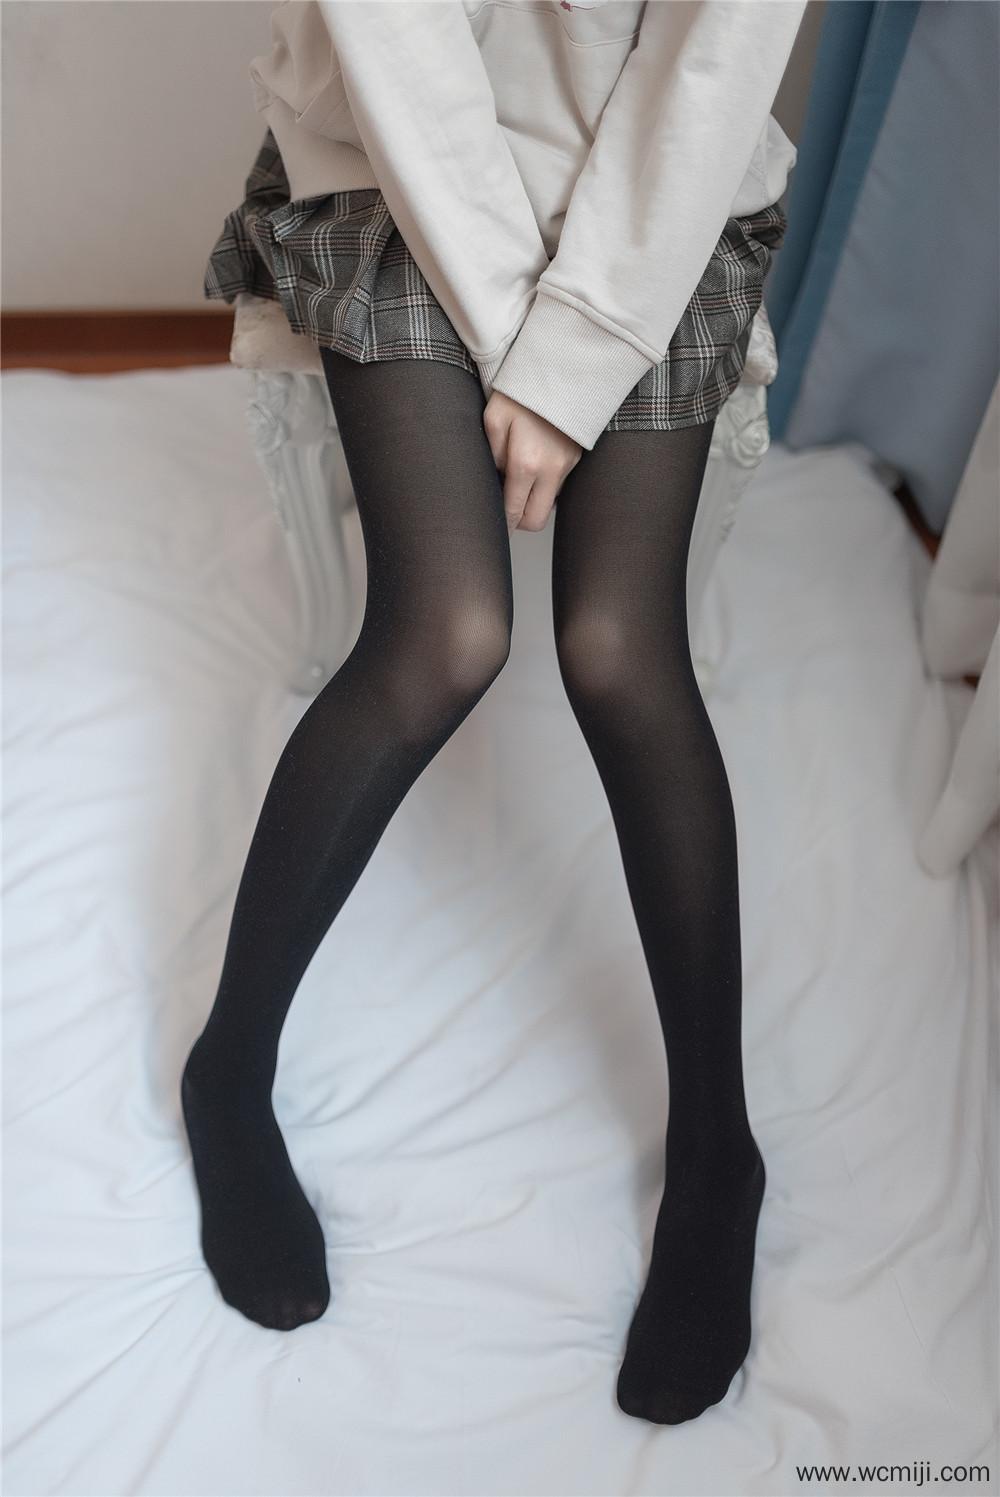 【私拍】【少女】窗帘后的少女学生制服朦胧黑丝私房照【46P】 X丝玉足